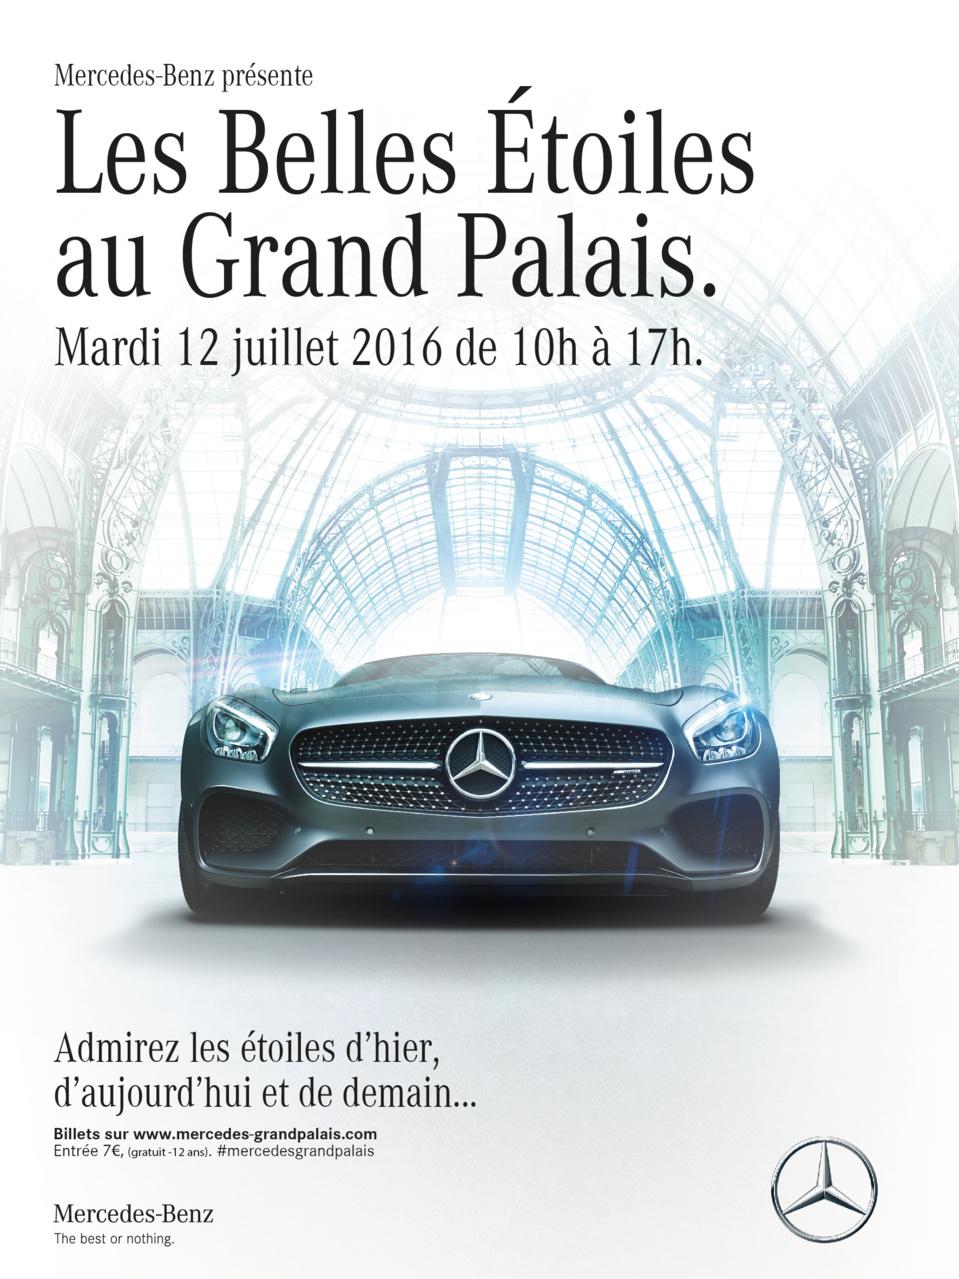 Mercedes-Benz présente Les Belles Étoiles